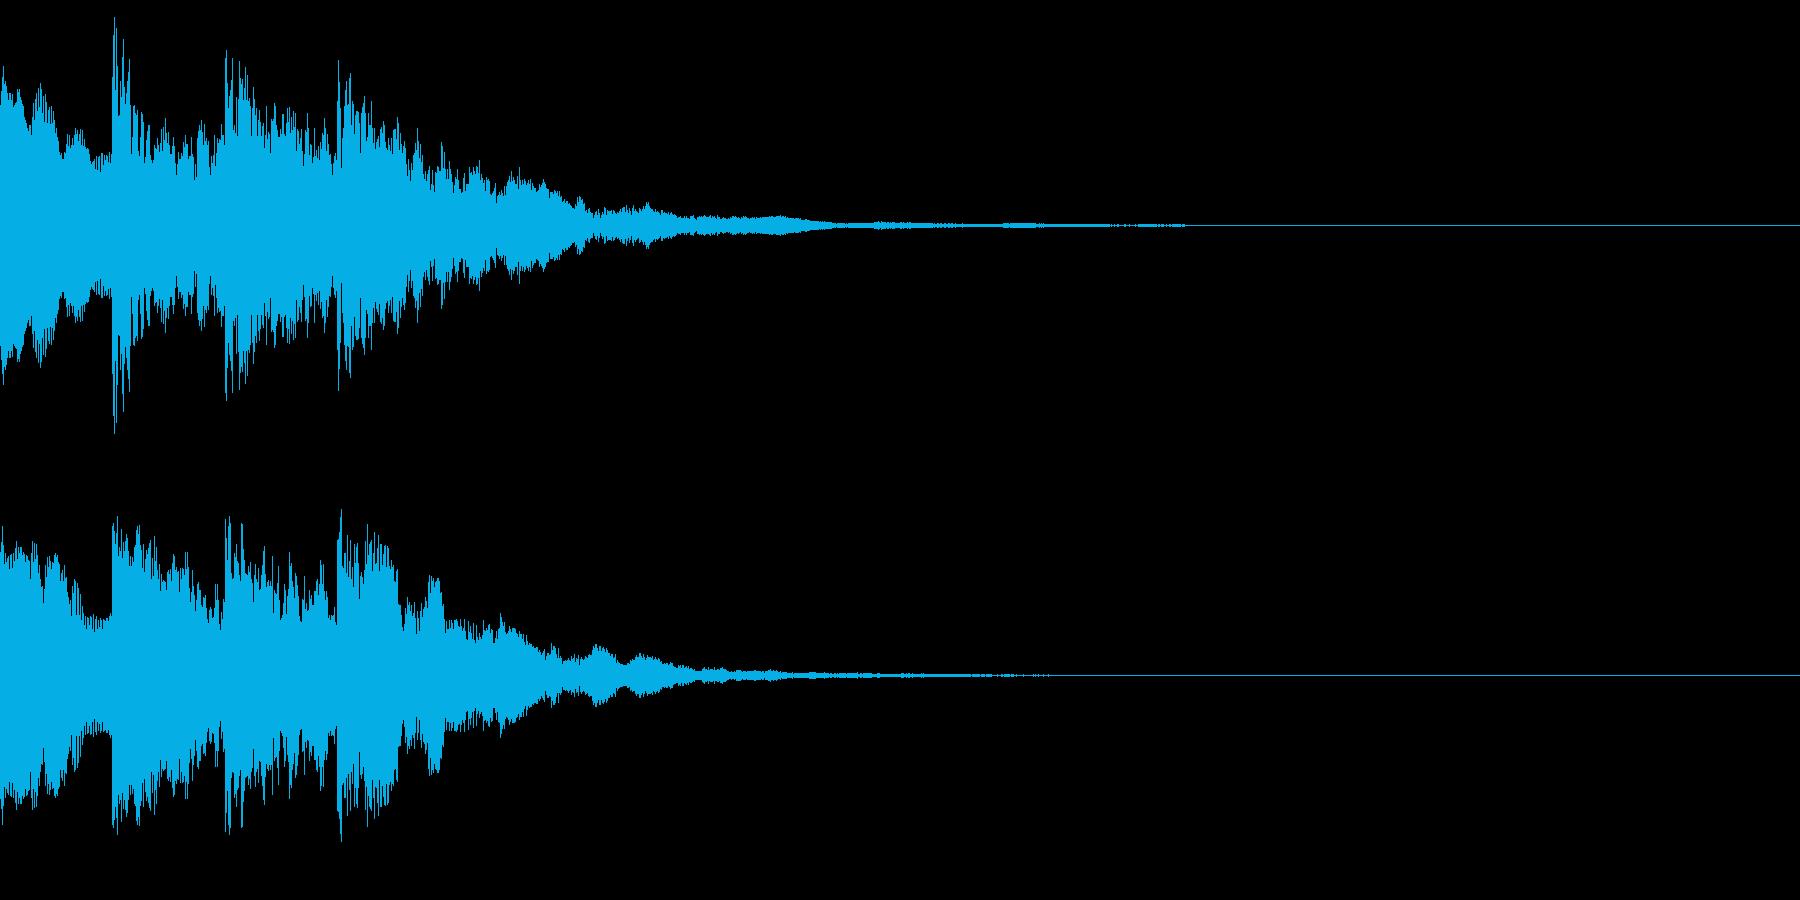 ピンポンパンポーン(呼び出し音)の再生済みの波形